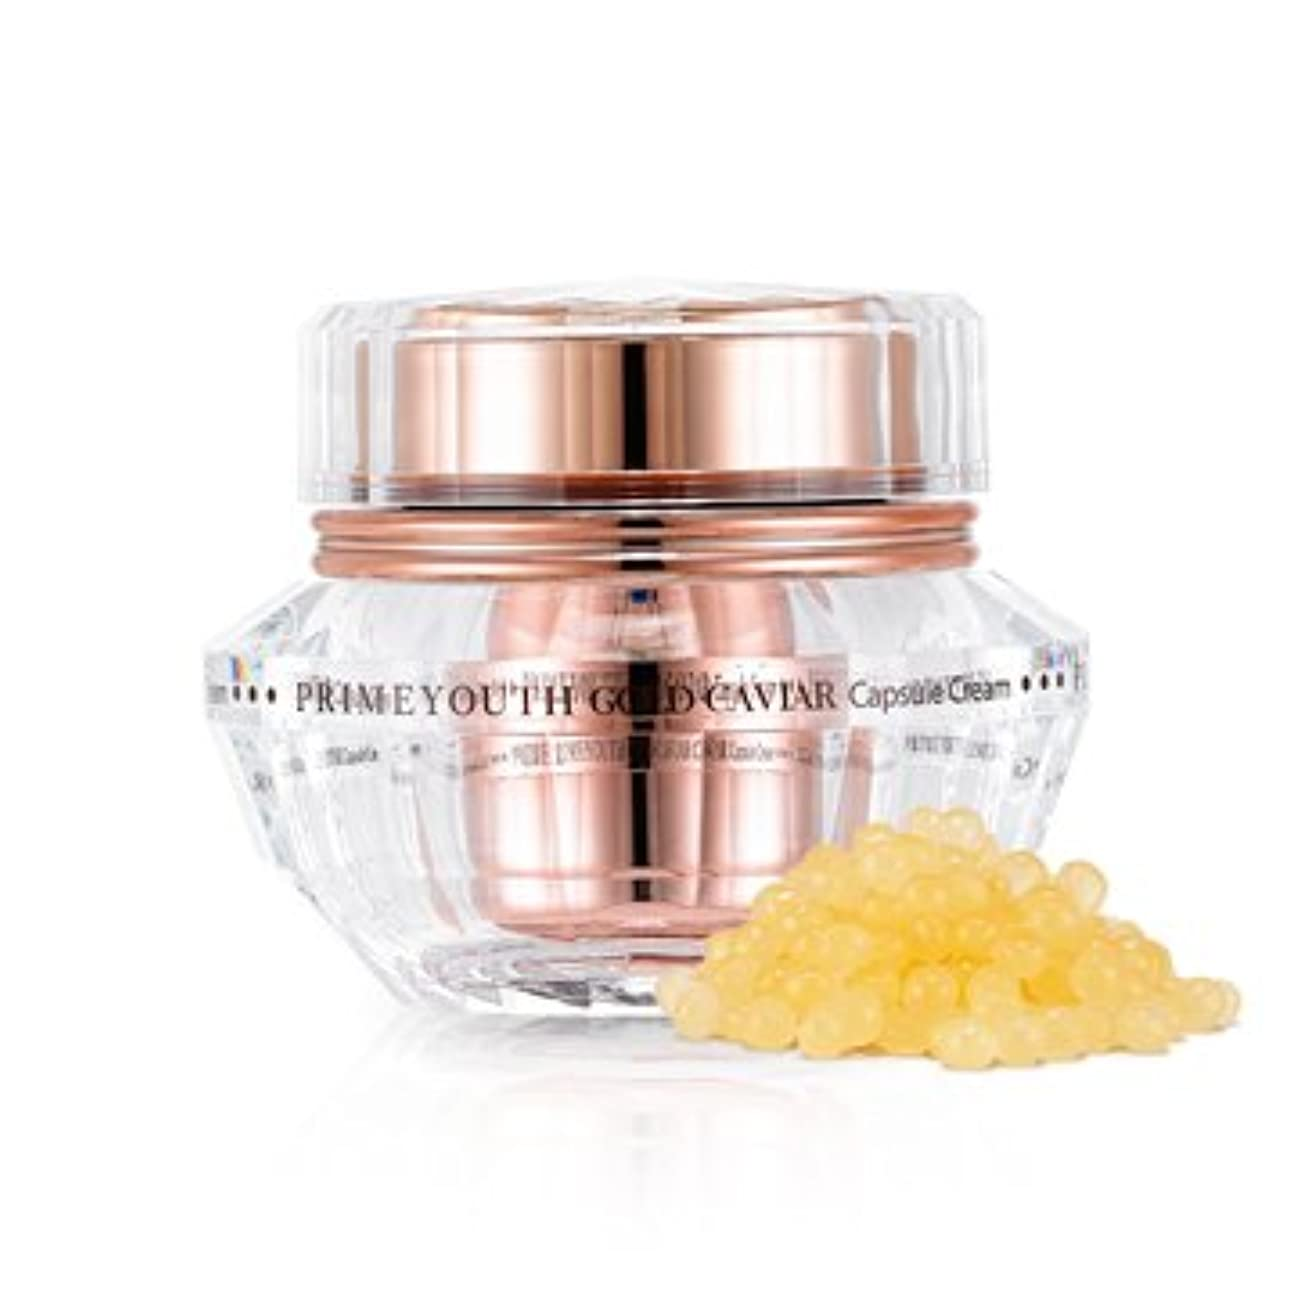 歴史家ハッチ音声学[New] Holika Holika Prime Youth Gold Caviar Capsule Cream 50g/ホリカホリカ プライム ユース ゴールド キャビア カプセル クリーム 50g